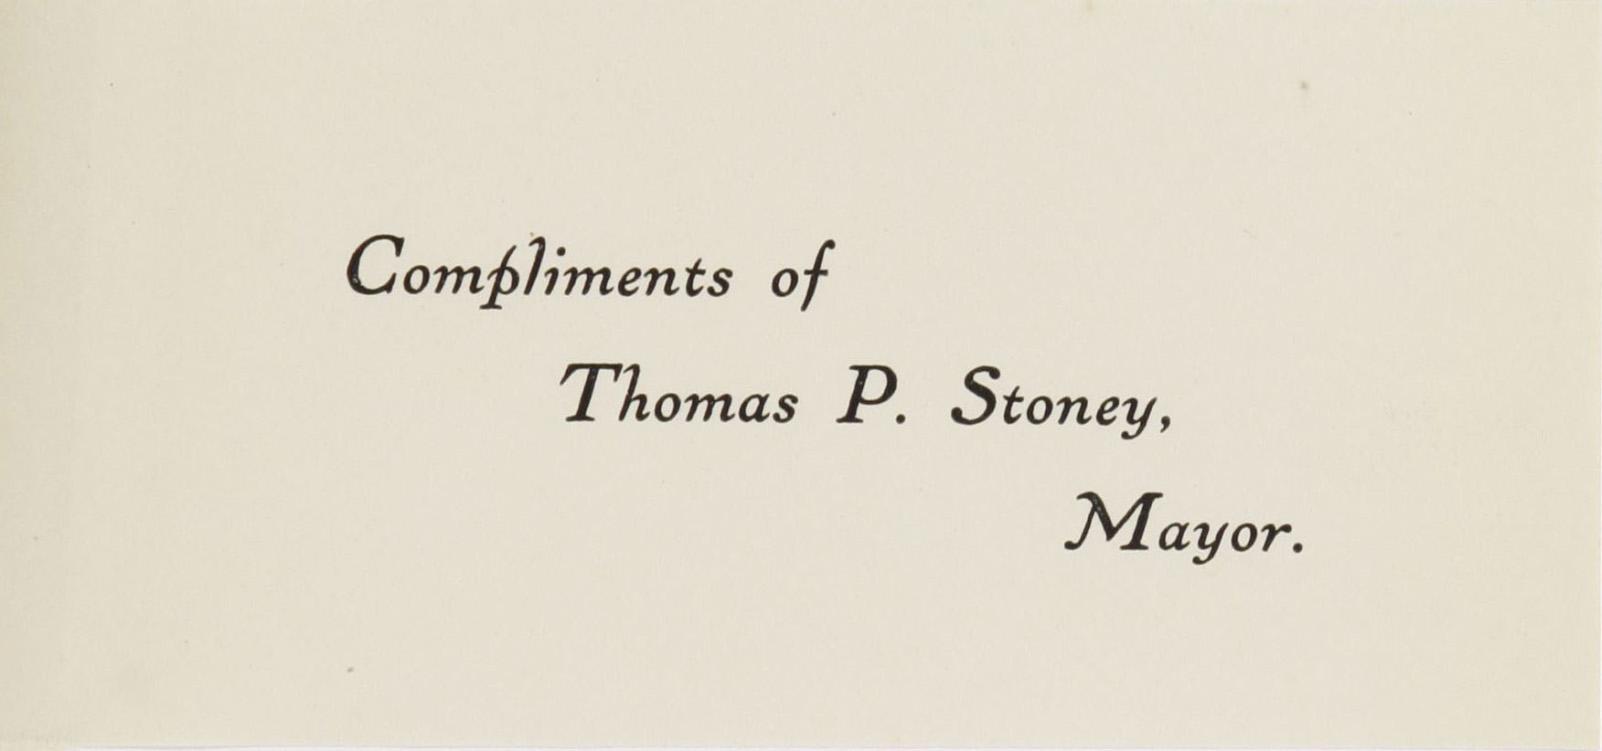 Charleston Yearbook, 1924, insert